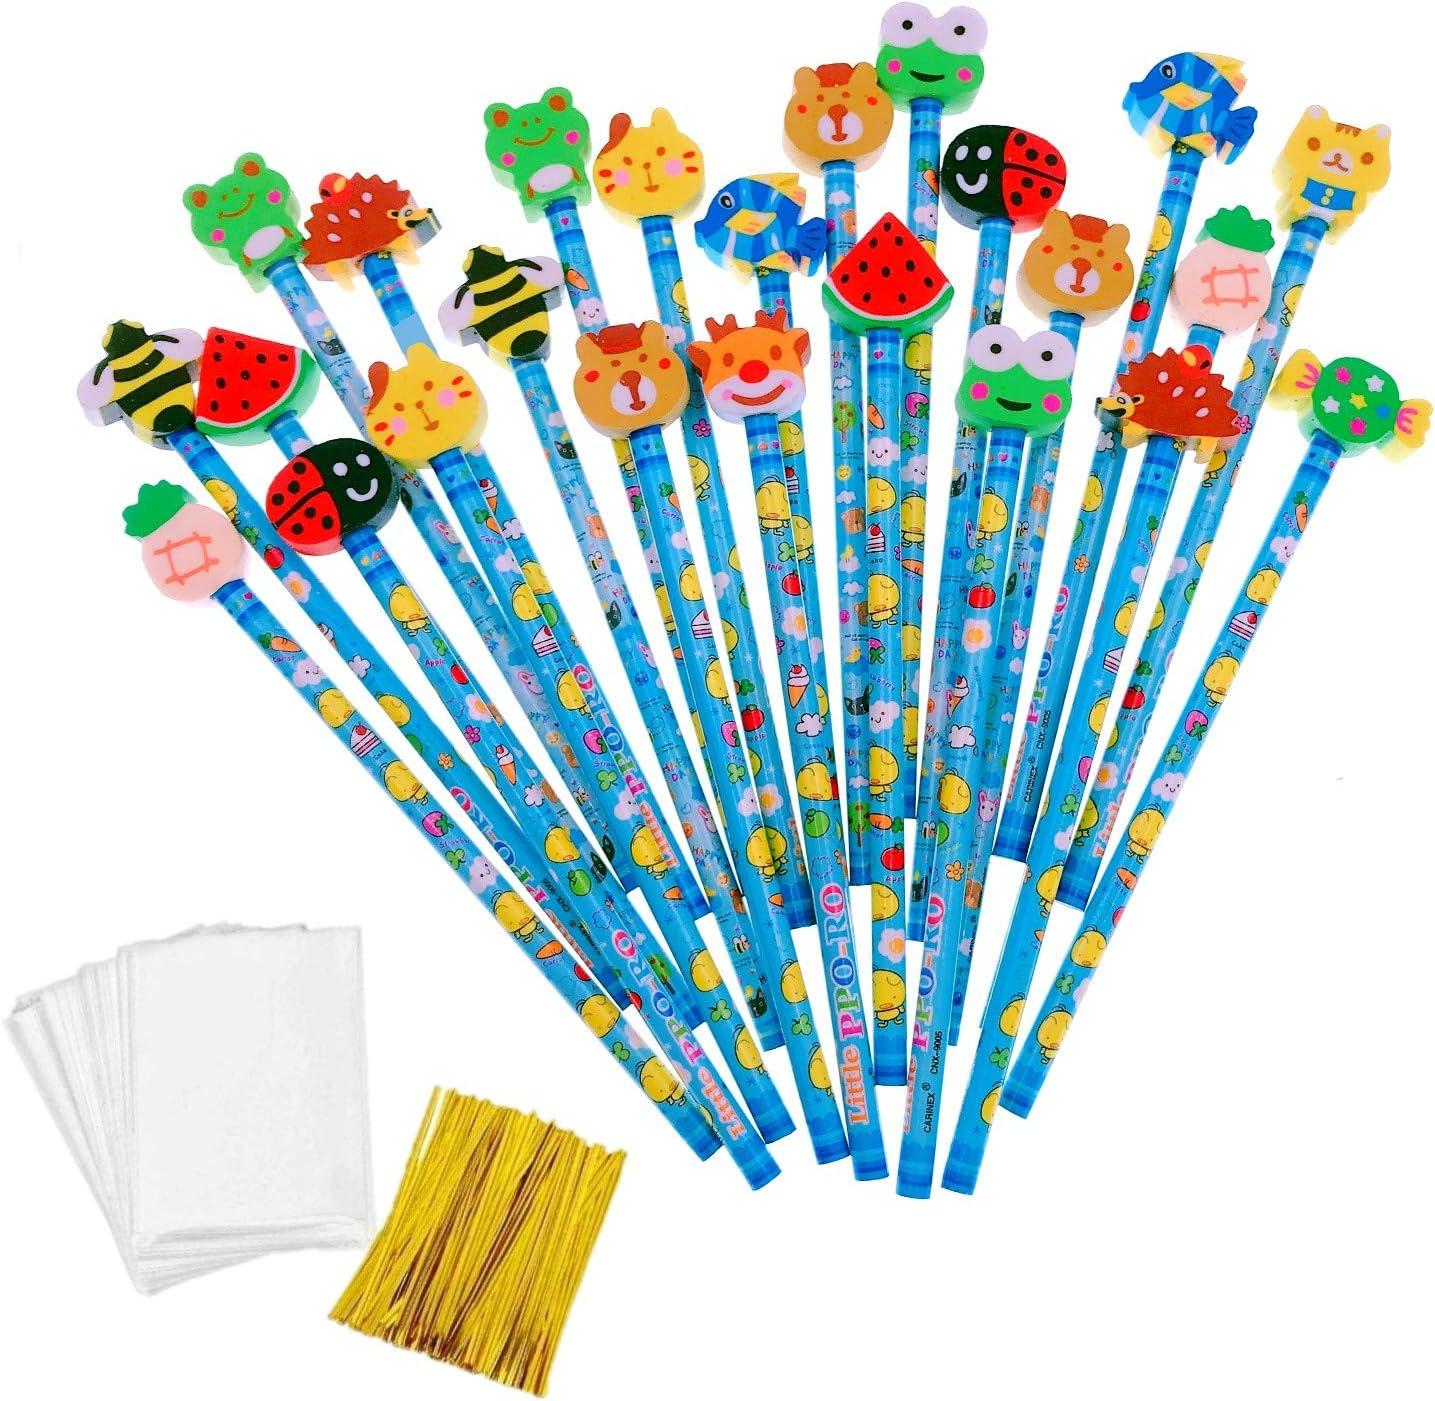 JZK 24 x Lindo Azul Grafito lápices de Madera Infantiles con Goma de borrar Animados para niños Favores Fiesta cumpleaños Navidad Regalo cumpleaños infanti